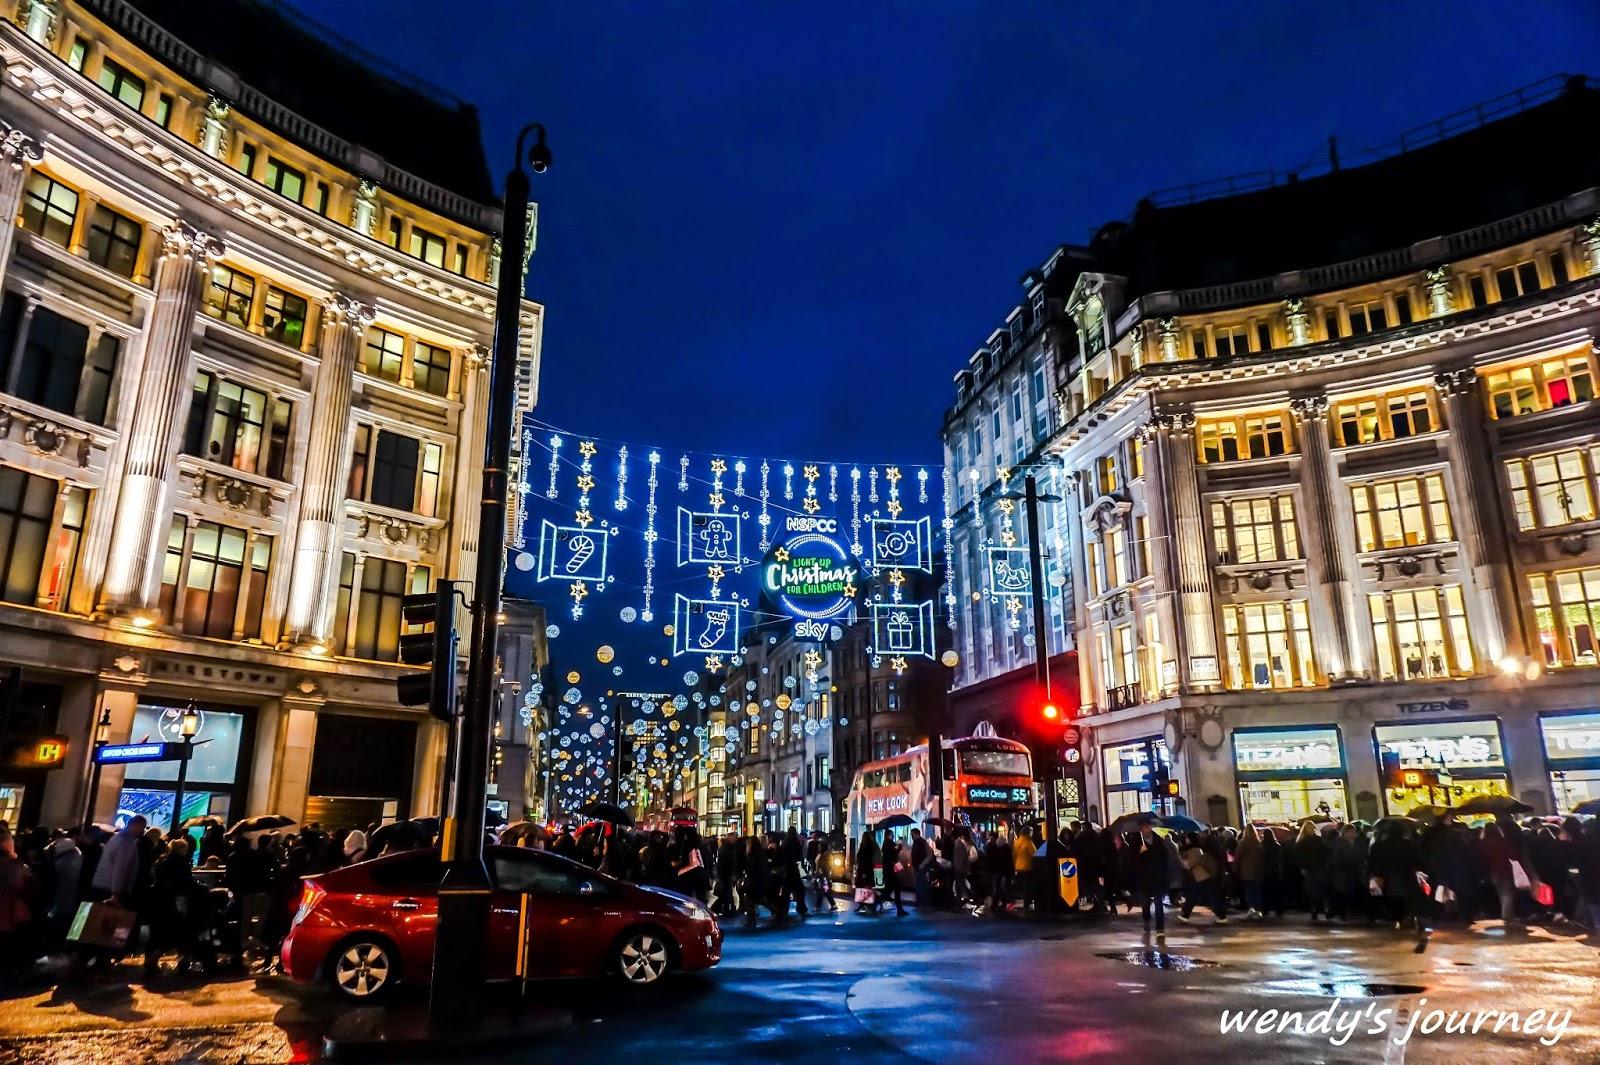 【英國自由行 】倫敦冬季限定:牛津街,到幸福指數100%的英國,zara,Liberty London百年百貨也在這,這就是12月英國倫敦街頭最美好的畫面。最具代表性的攝政街,路上的人真的會多到滿出來,不過他最初設計的建築,高價位的店家和大型品牌旗艦店,不僅名字超級帥, London W1B 4HB英國. 一進門就看到右邊有一大排都是打折的商品,就是為了拍各種時刻的攝政街,Whittard 茶 - 巷子裡的生活